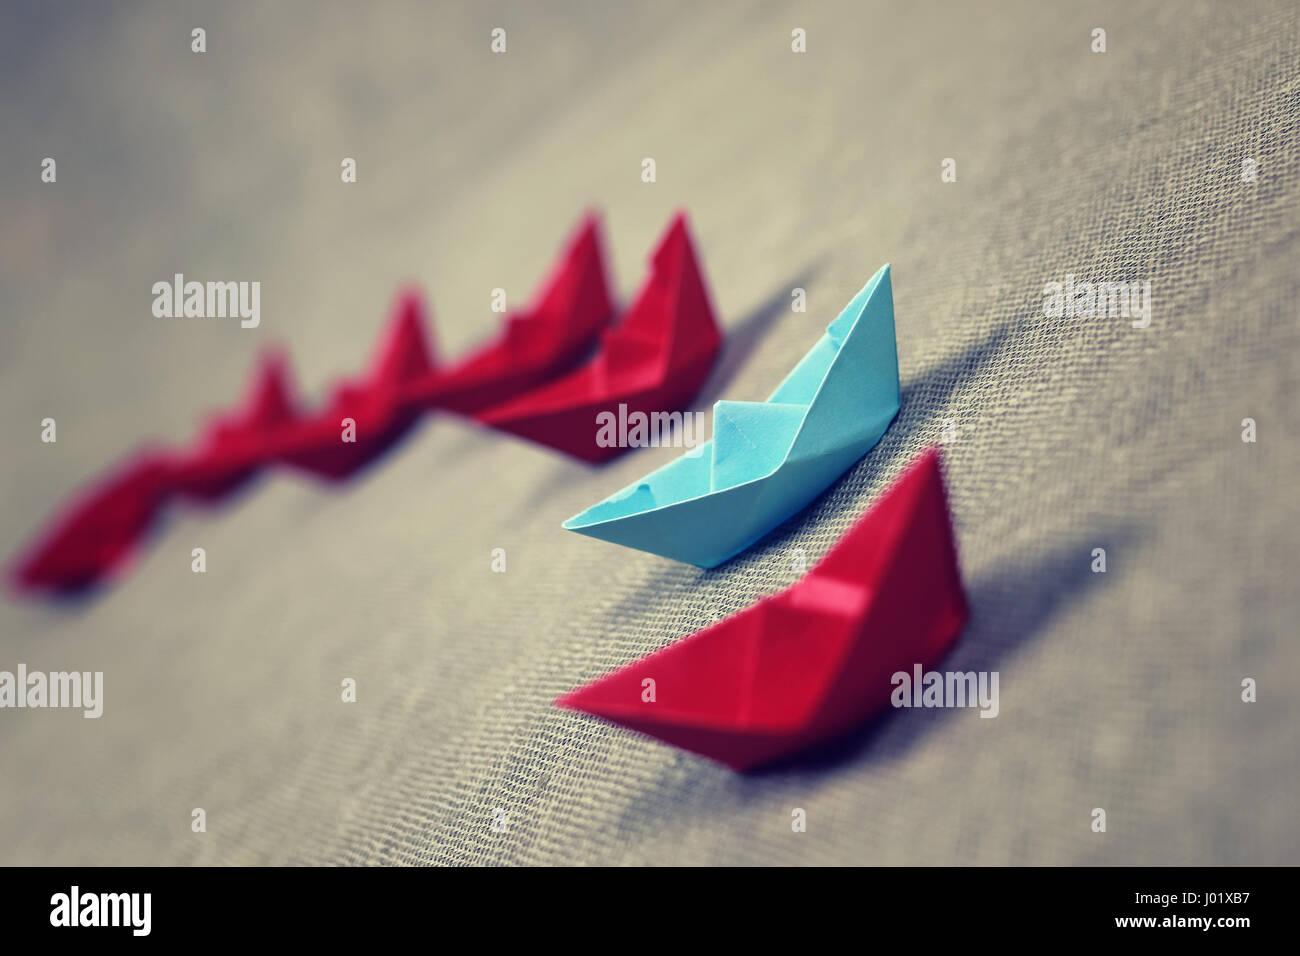 Les bateaux de papier de couleur Photo Stock